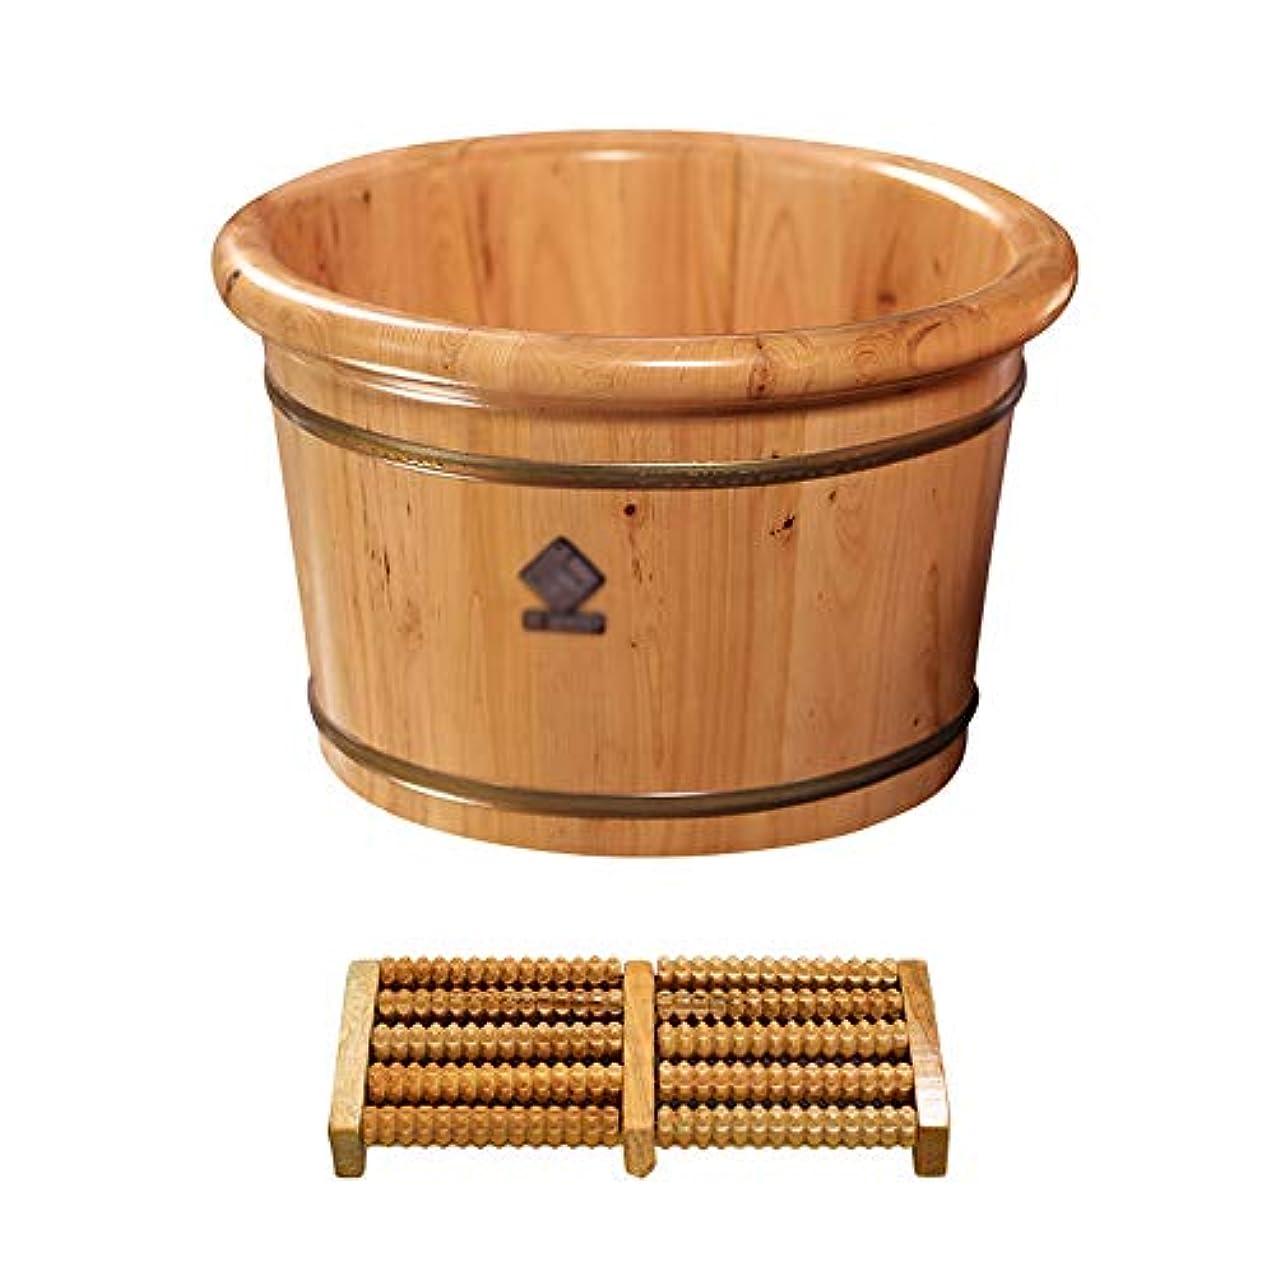 復活させる露郵便ヒマラヤスギ足浴バレル、厚くした足浴バレル、家庭用足浴、小さな浴槽、木製足浴バレル,E